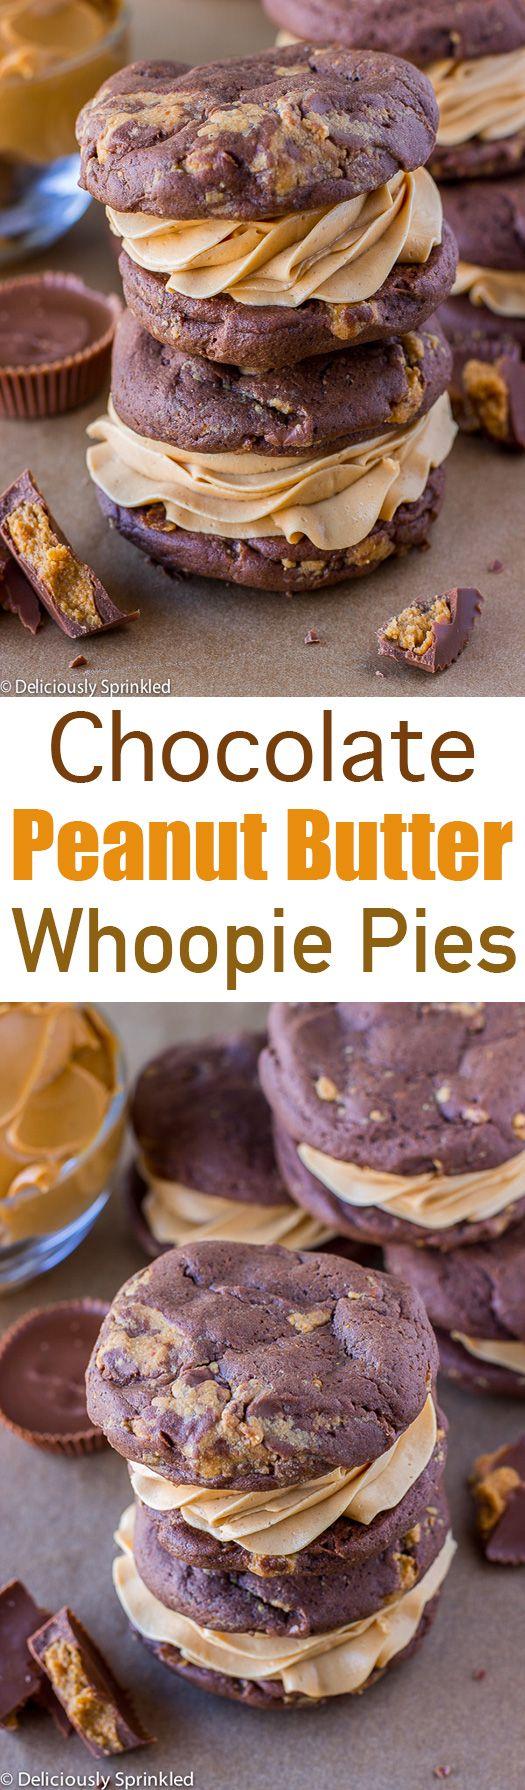 Food - Whoopie Pies on Pinterest | Whoopie Pies, Pumpkin Whoopie Pies ...